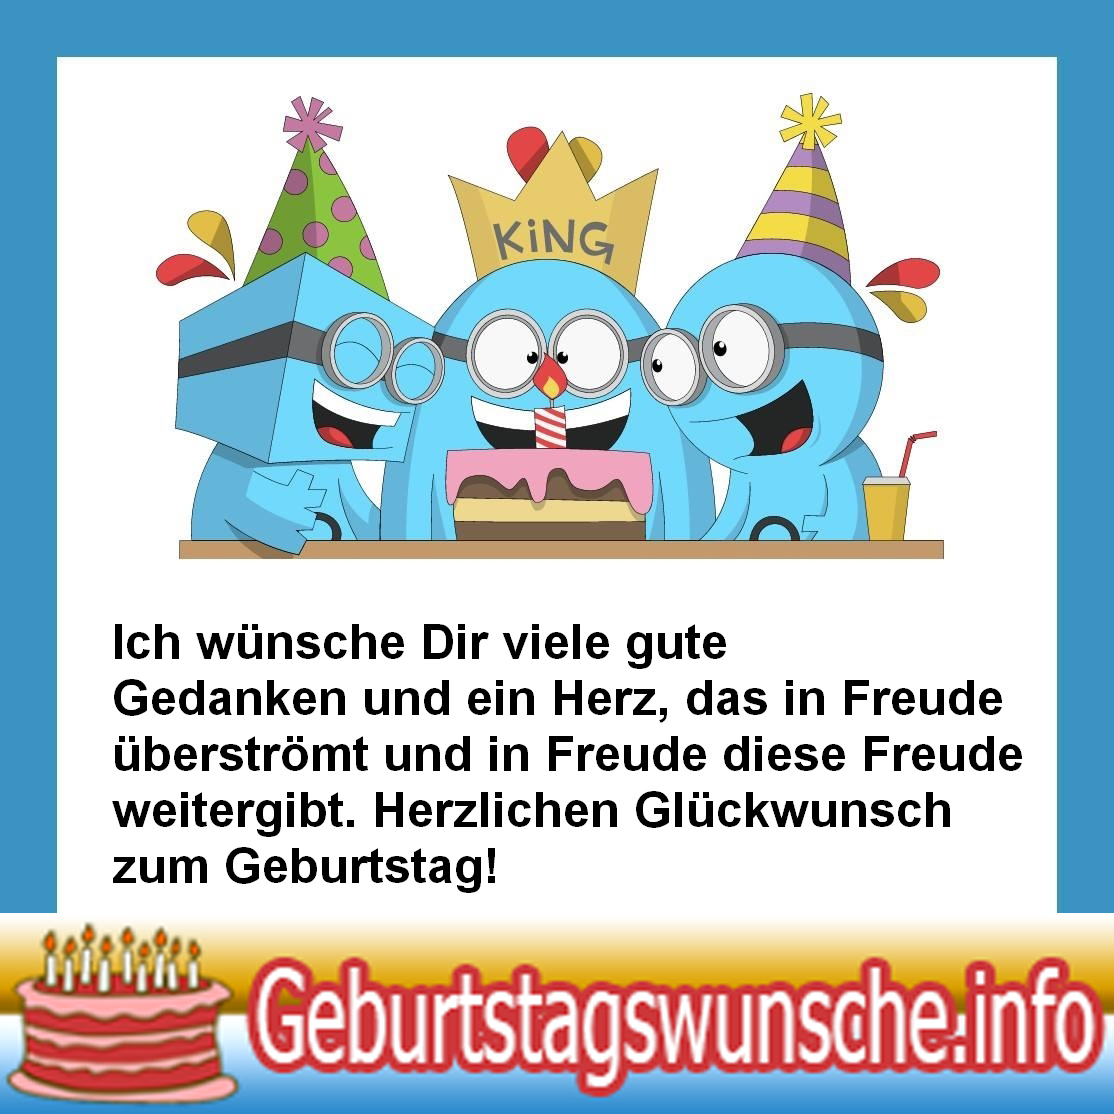 Geburtstag vom freund